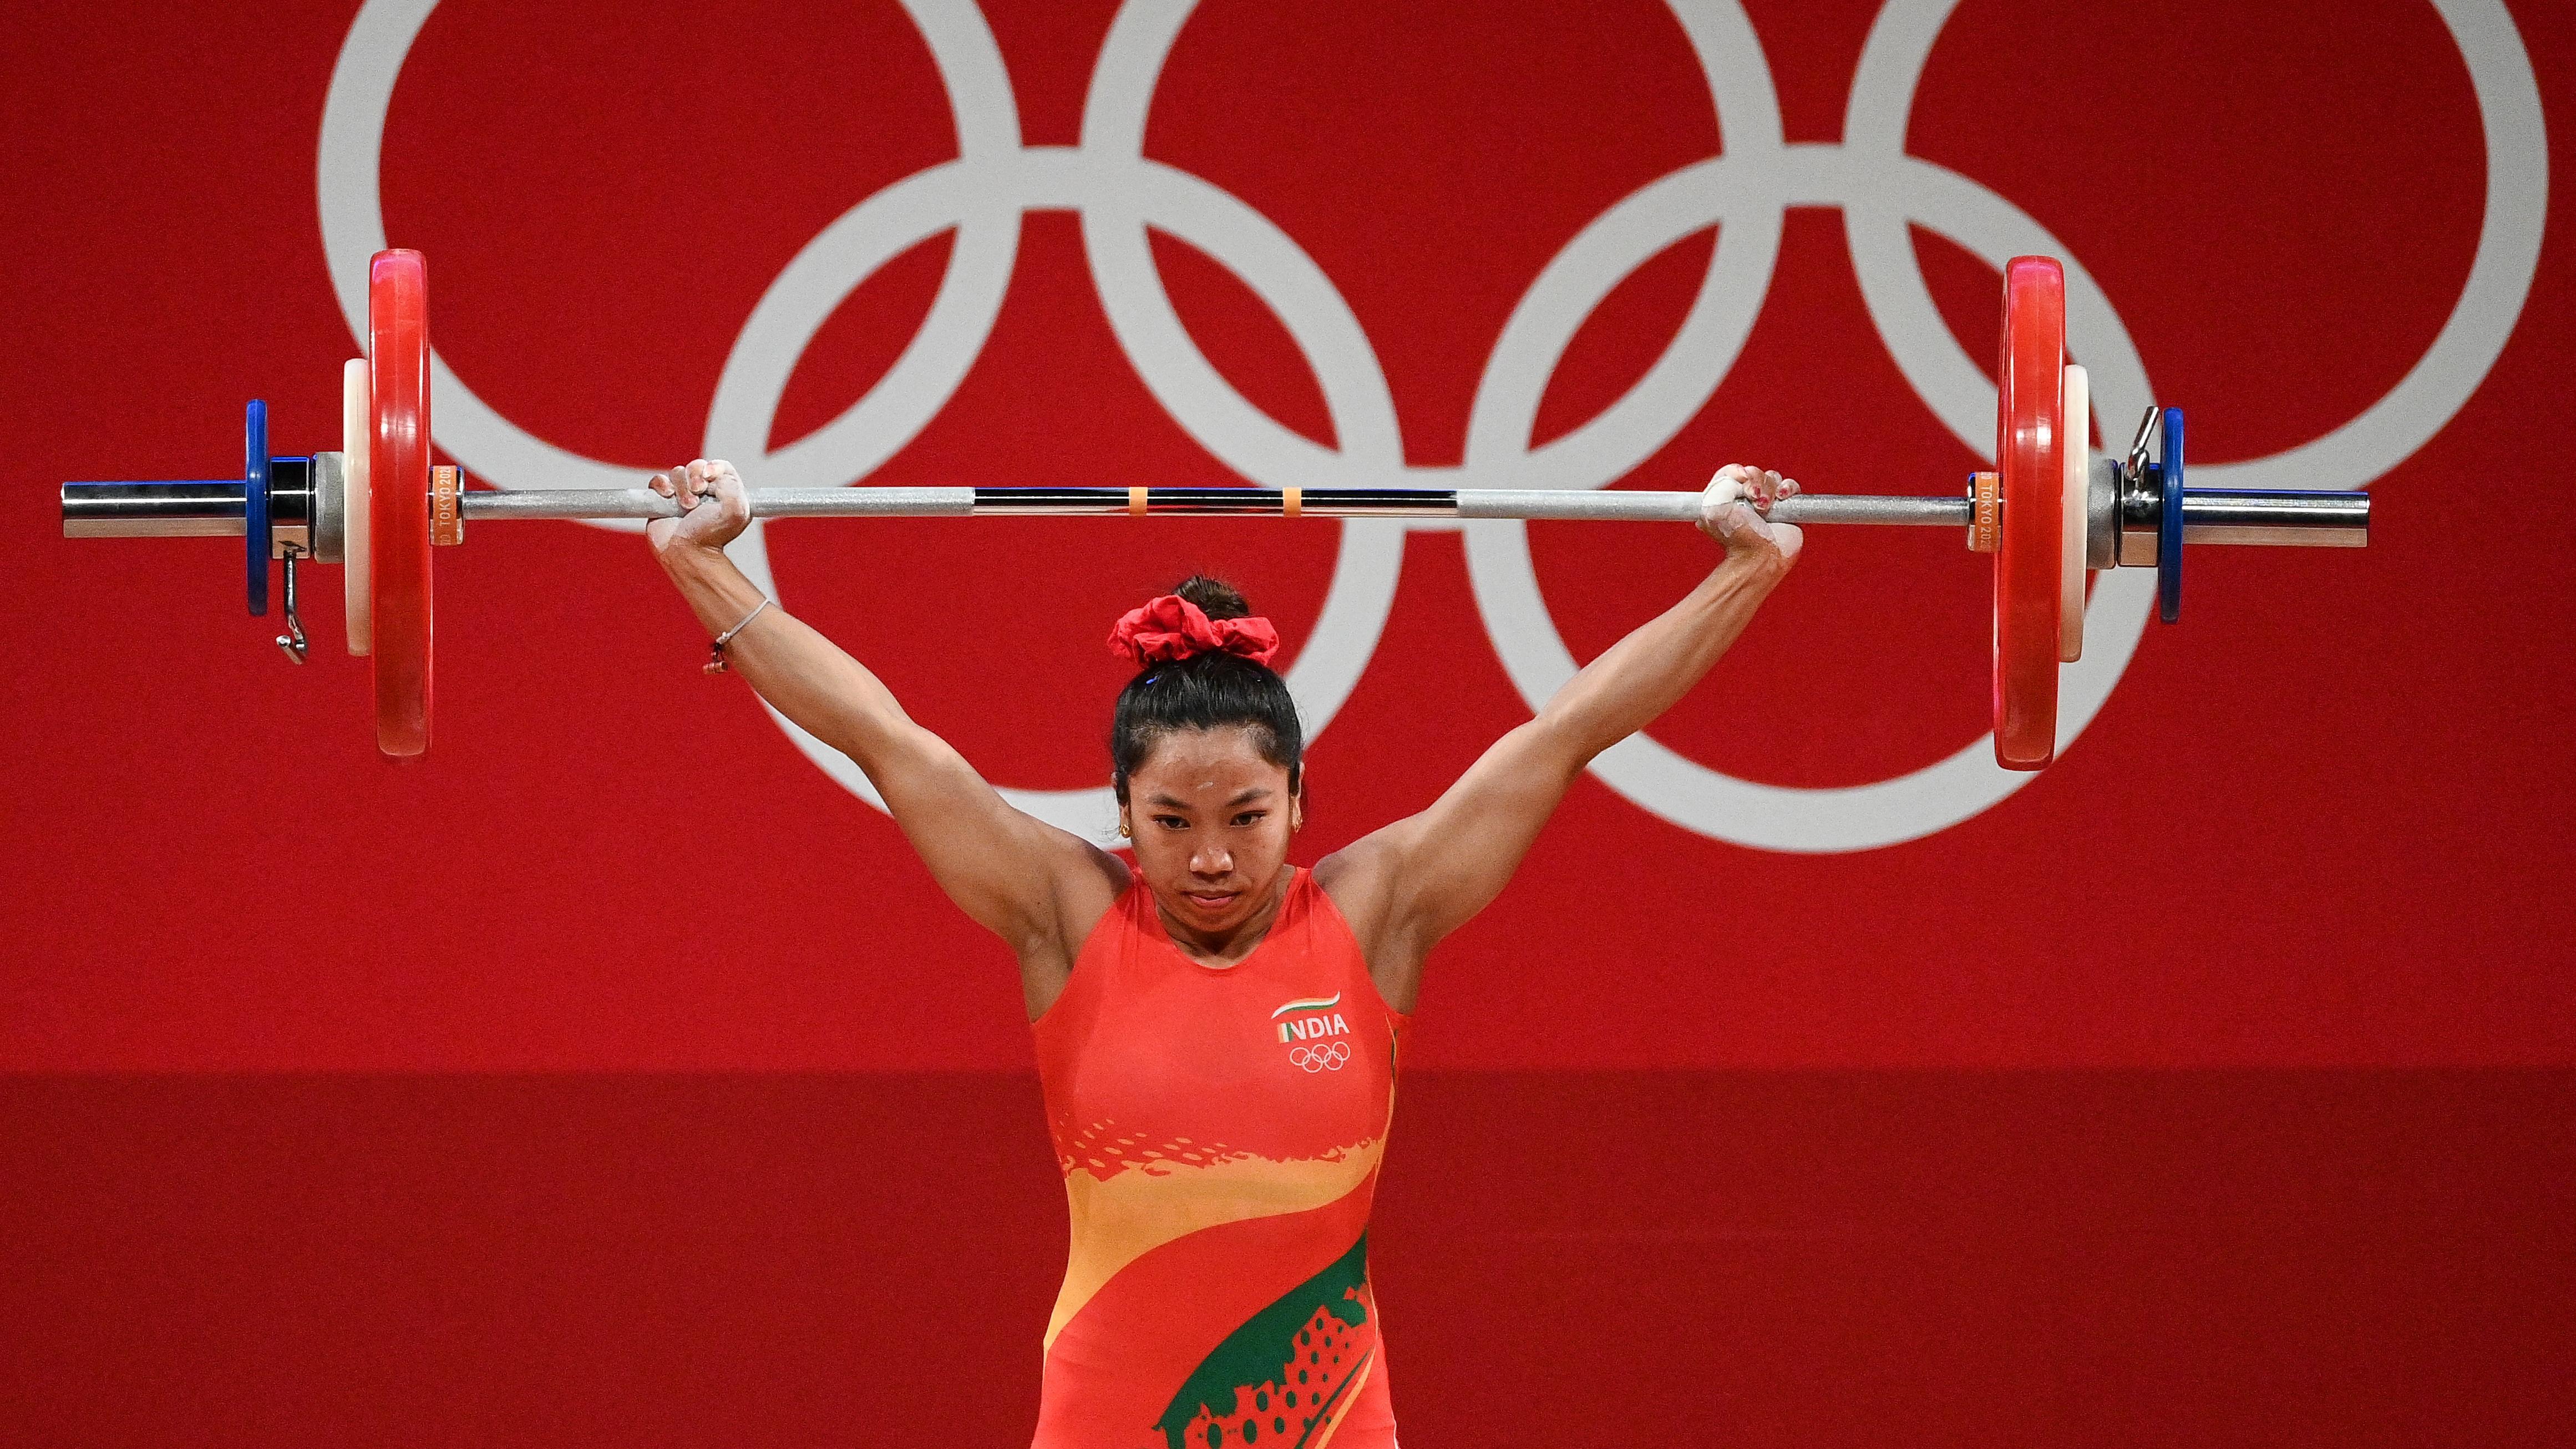 Tokyo Olympics में भारत की वेटलिफ्टर Mirabai Chanu ने रचा इतिहास, जीता रजत पदक